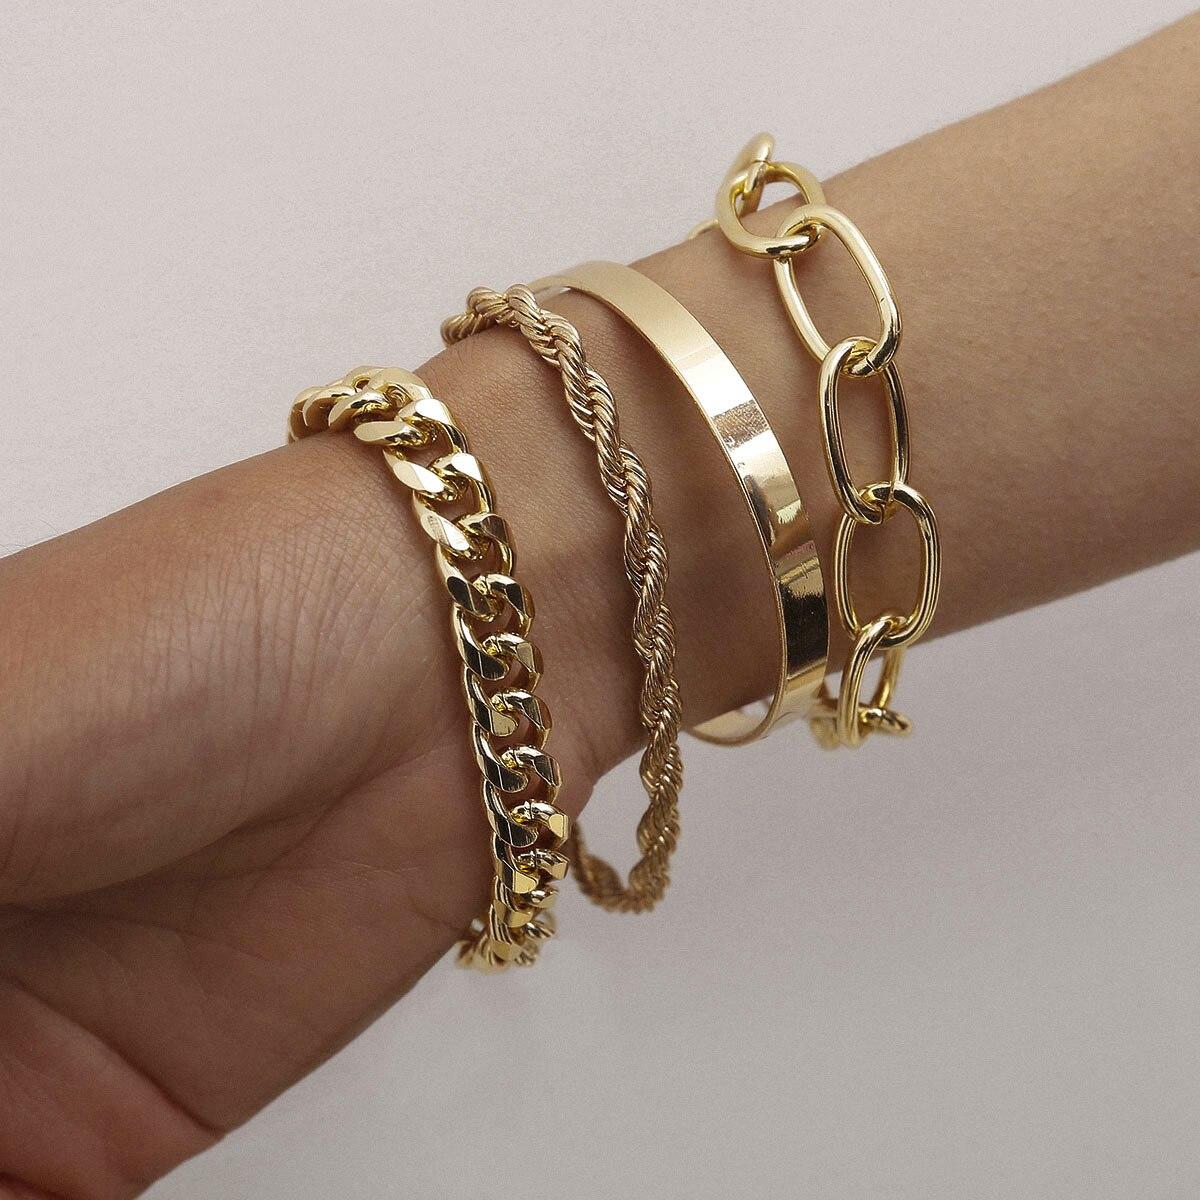 2020 pulsera de cadena cubana de moda gruesa para mujer, Color dorado, Punk, cadena gruesa, pulsera, brazalete, joyería de playa